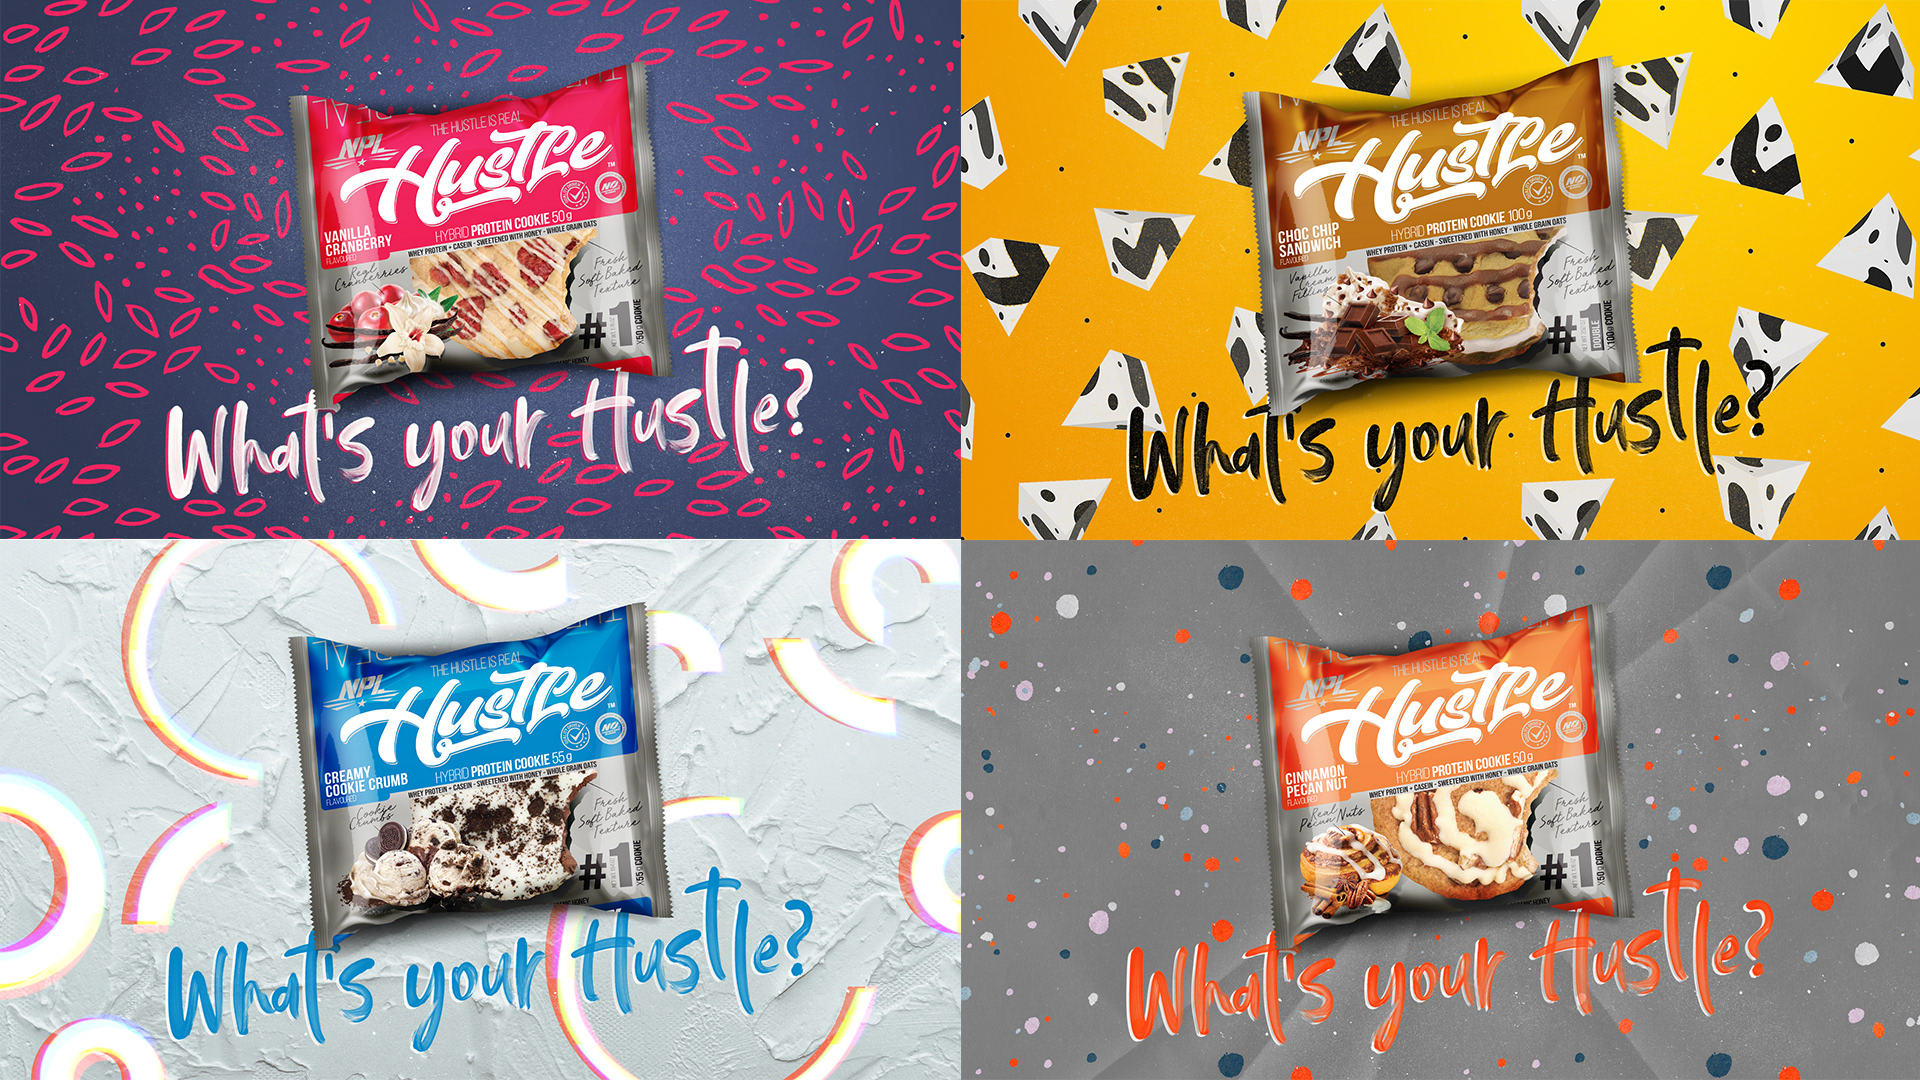 Hustle protein cookies package design